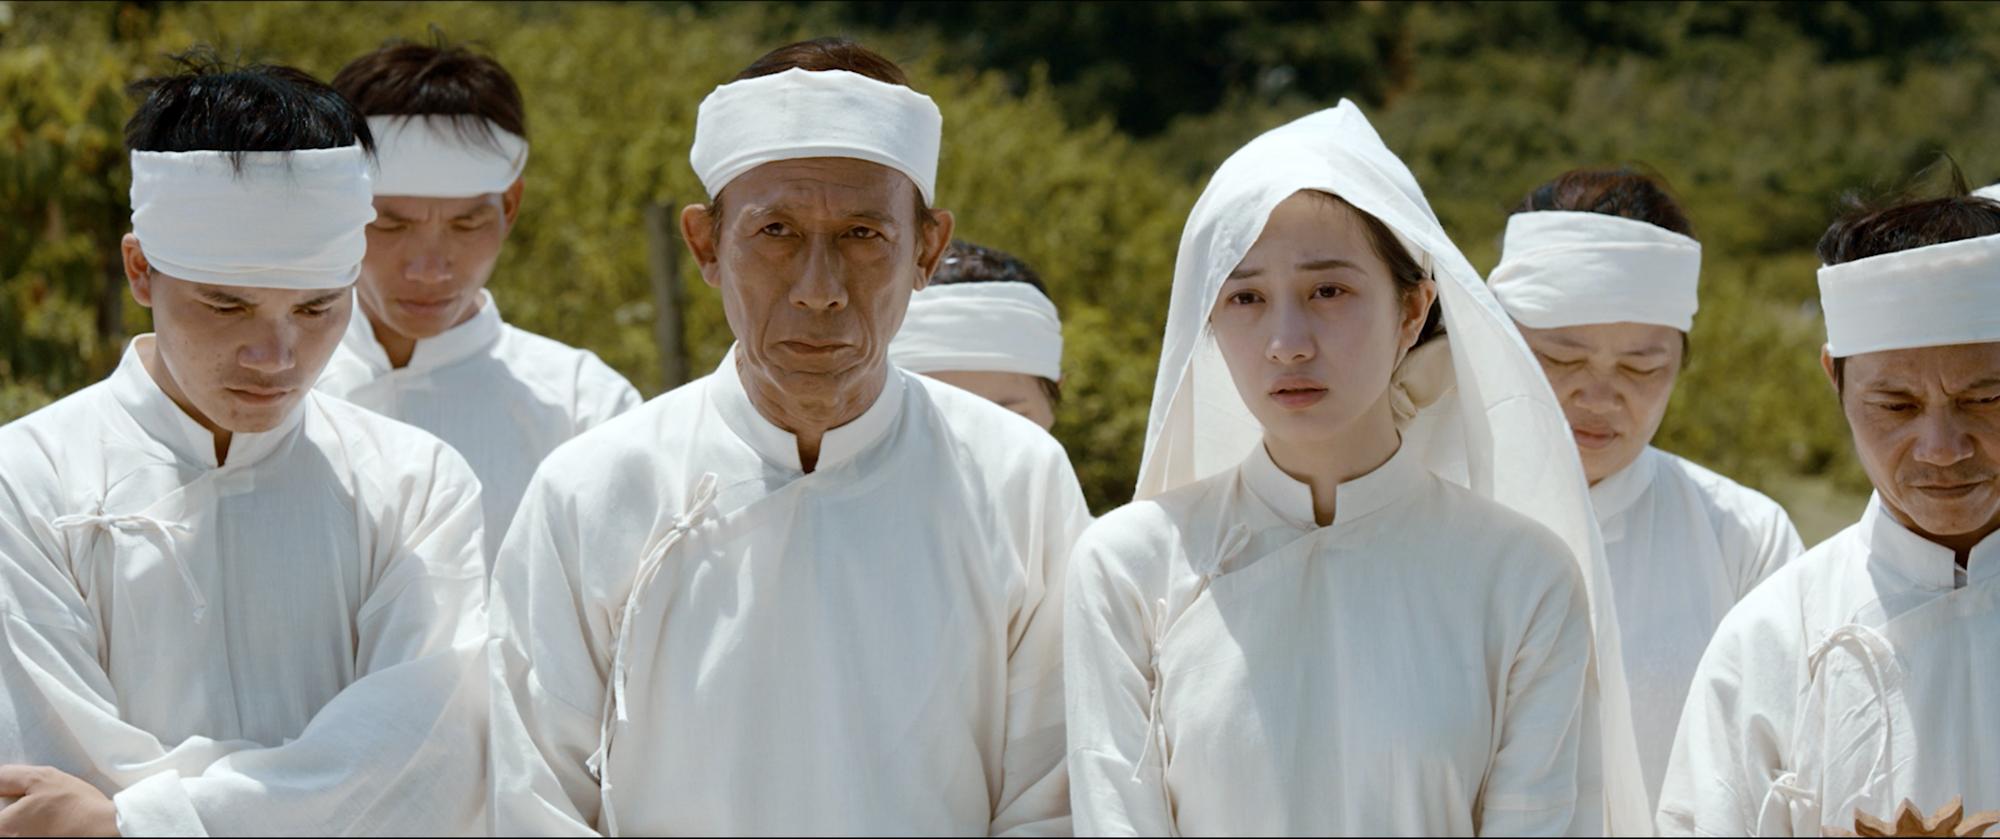 Ả đào Jun Vũ hứa hẹn lột xác bằng cảnh nóng với Quách Ngọc Ngoan trong Người Bất Tử - Ảnh 7.